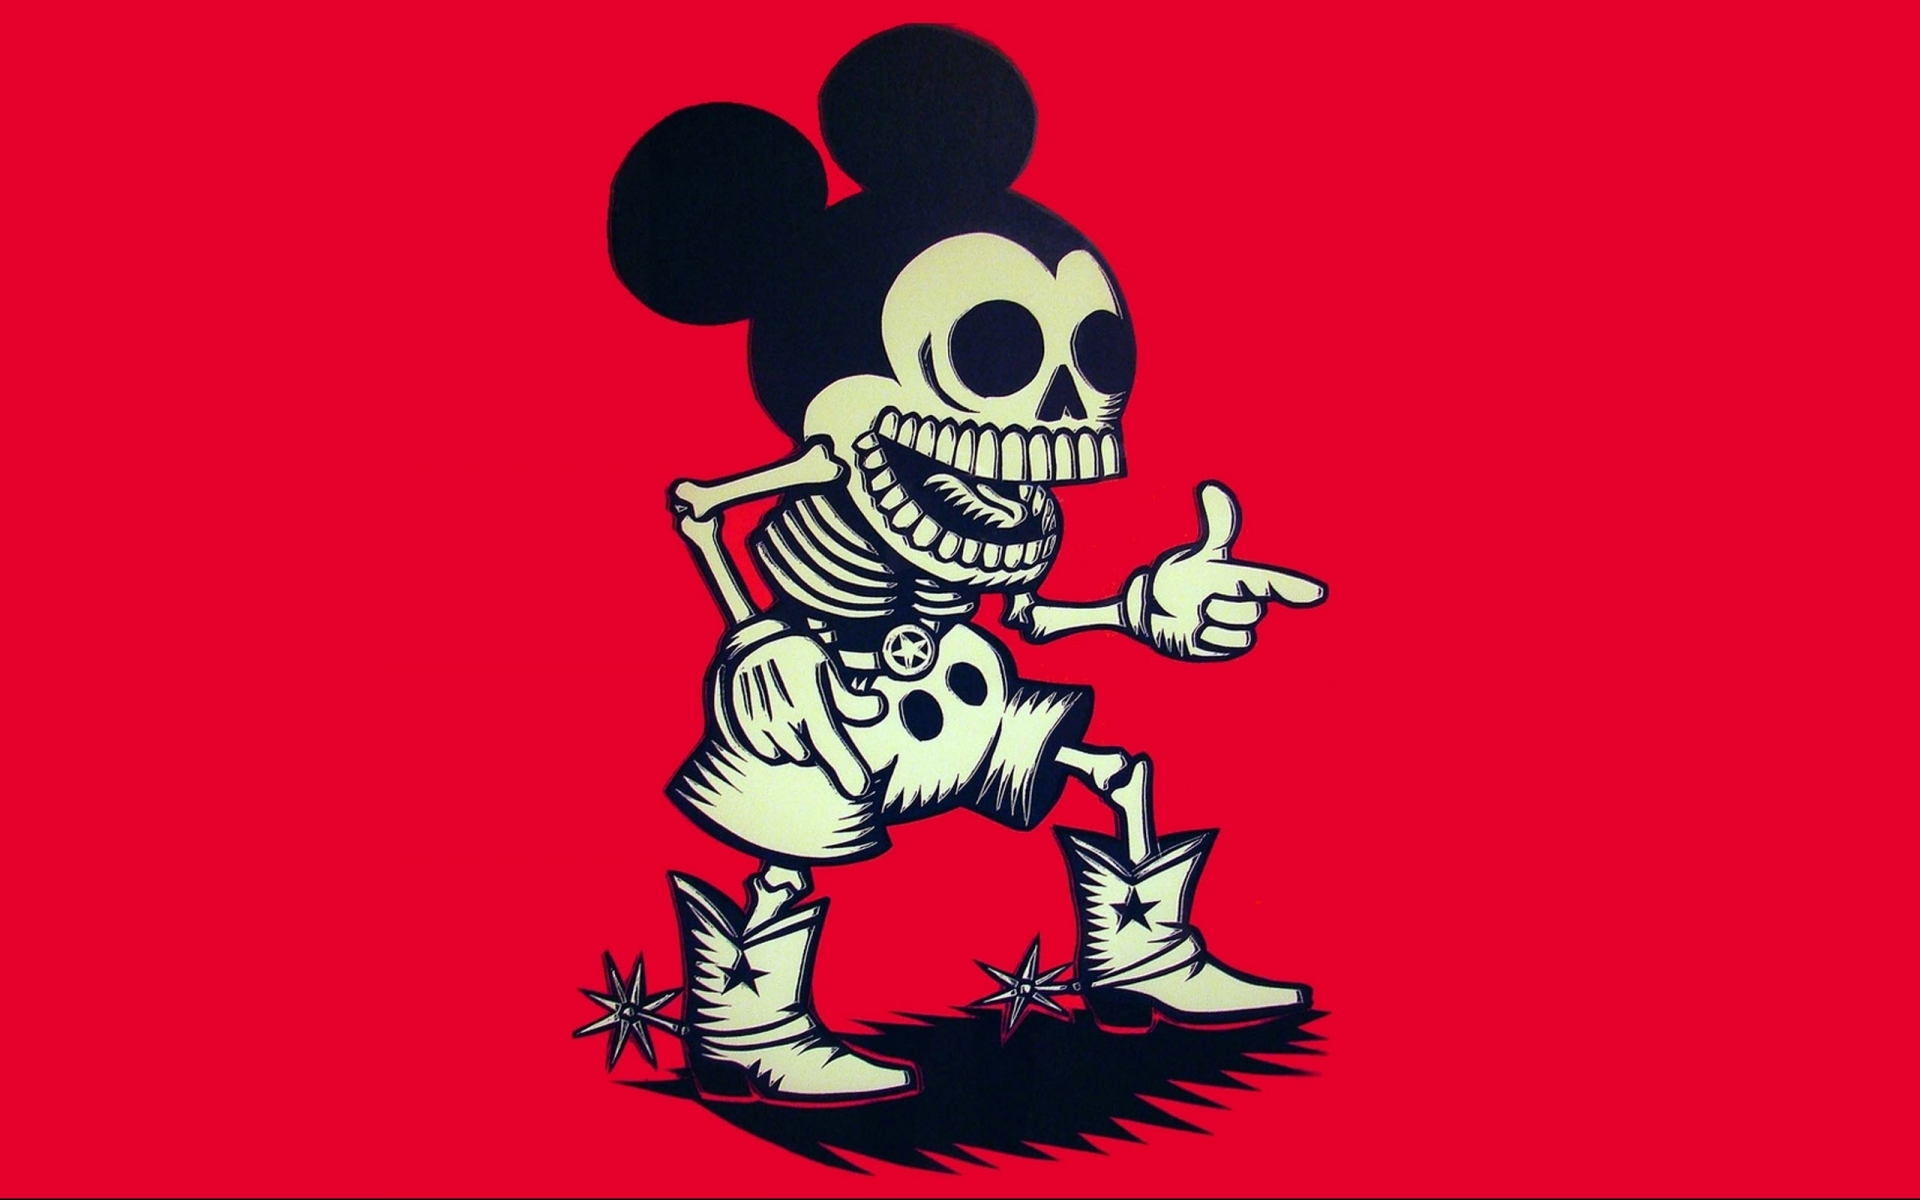 mickey mouse dark skulls wallpaper 1920x1200 46671